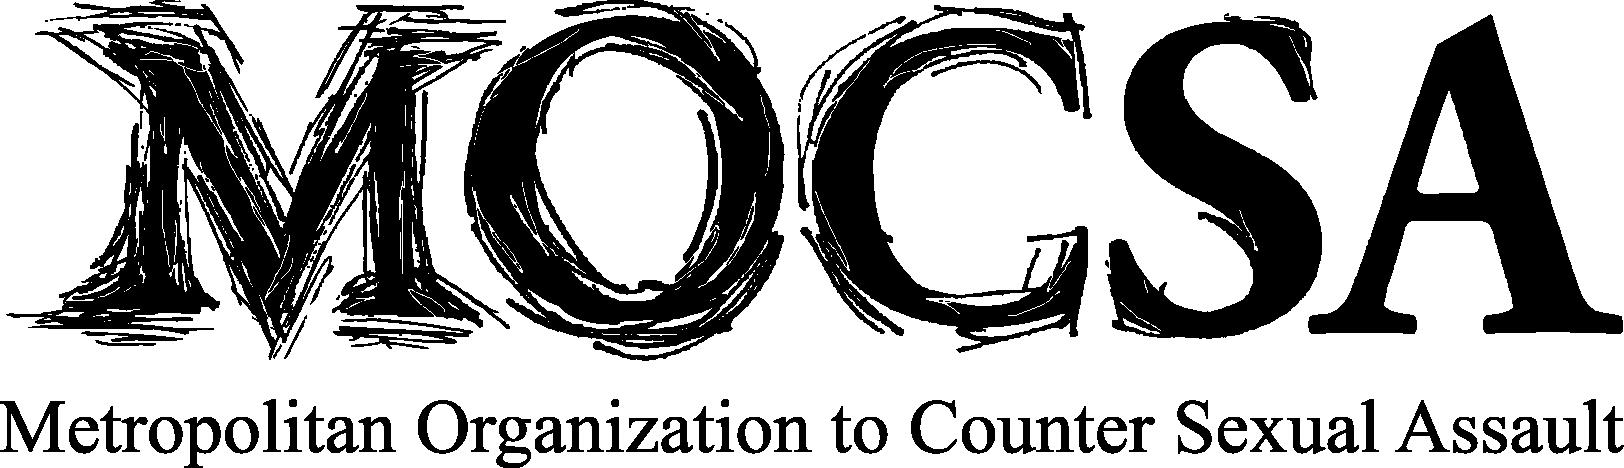 MOCSA